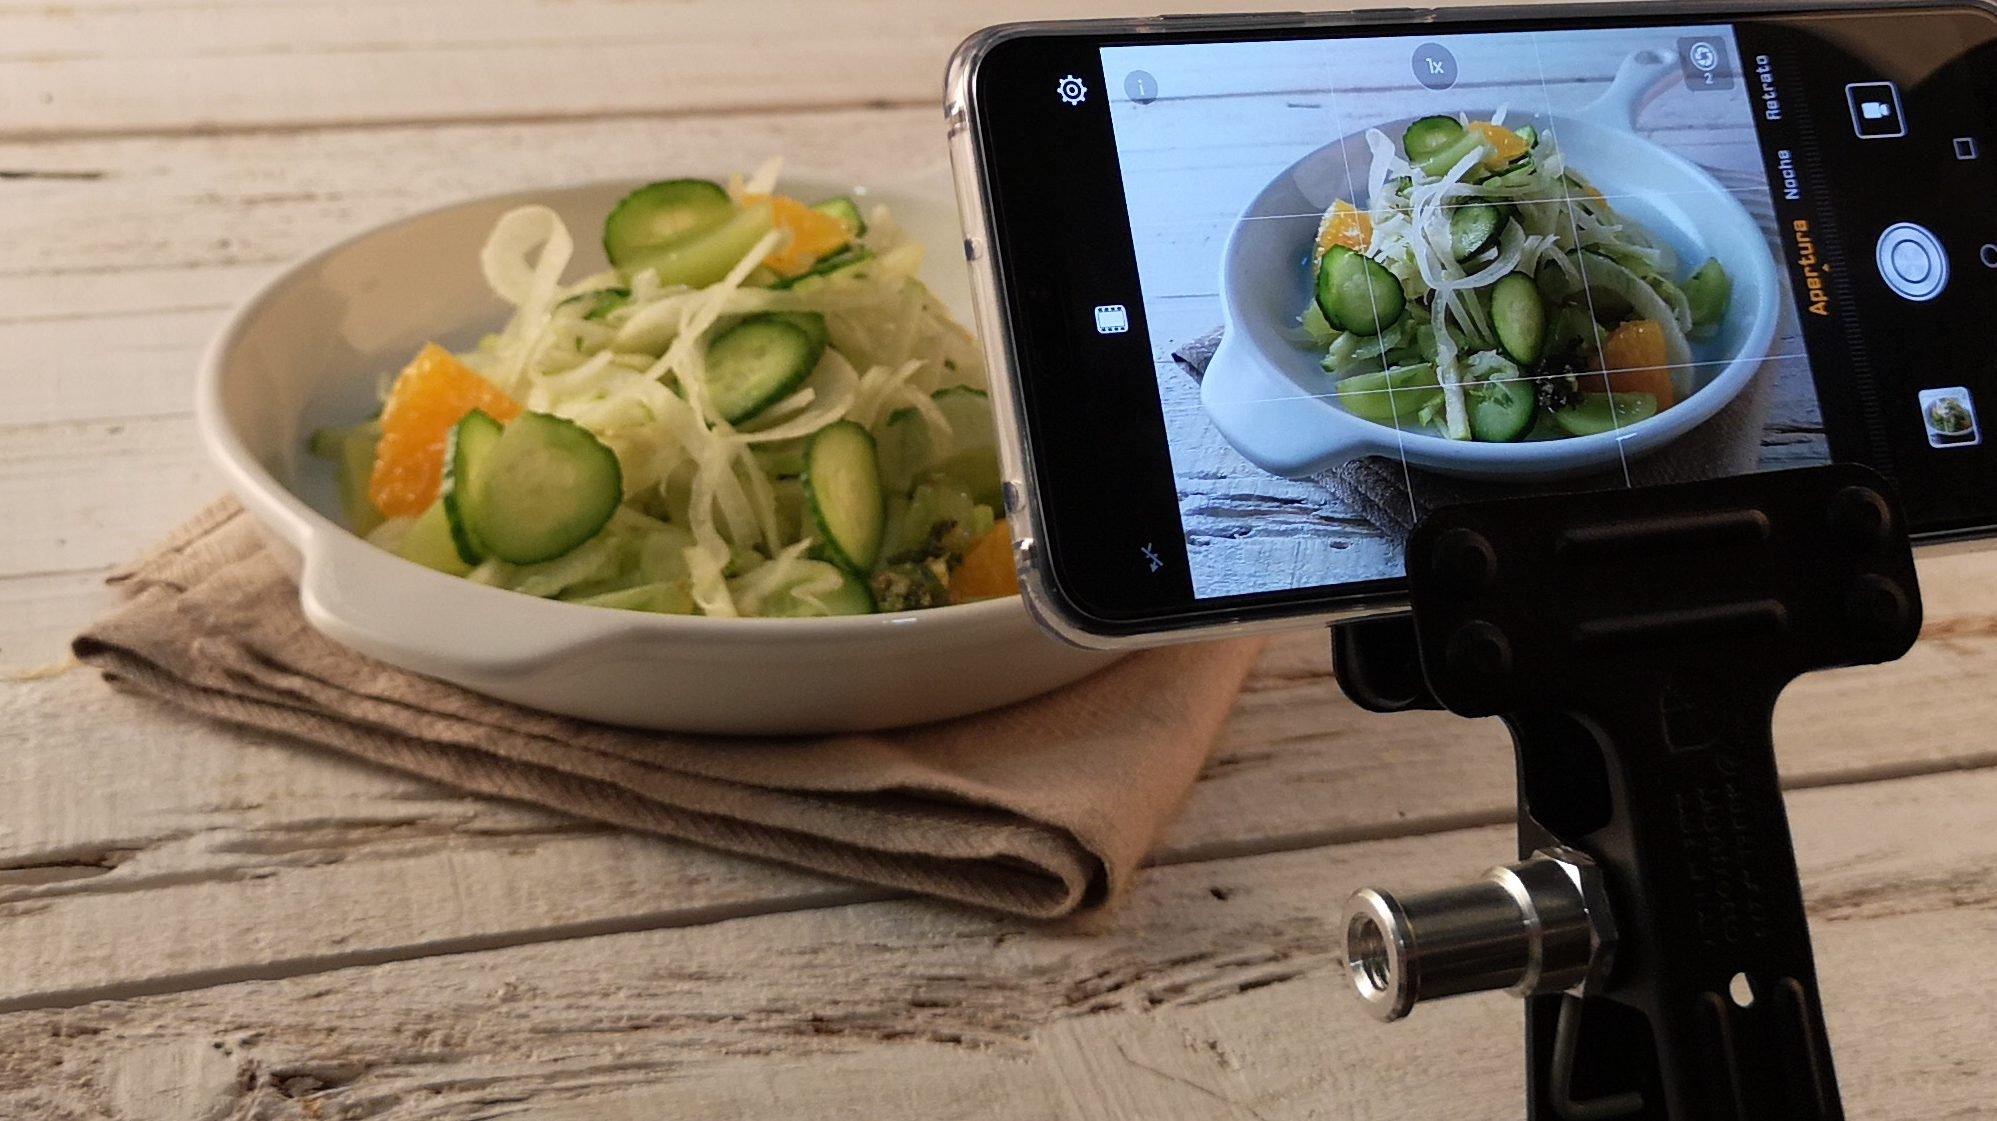 Cuenta las calorías de tus alimentos con tu smartphone